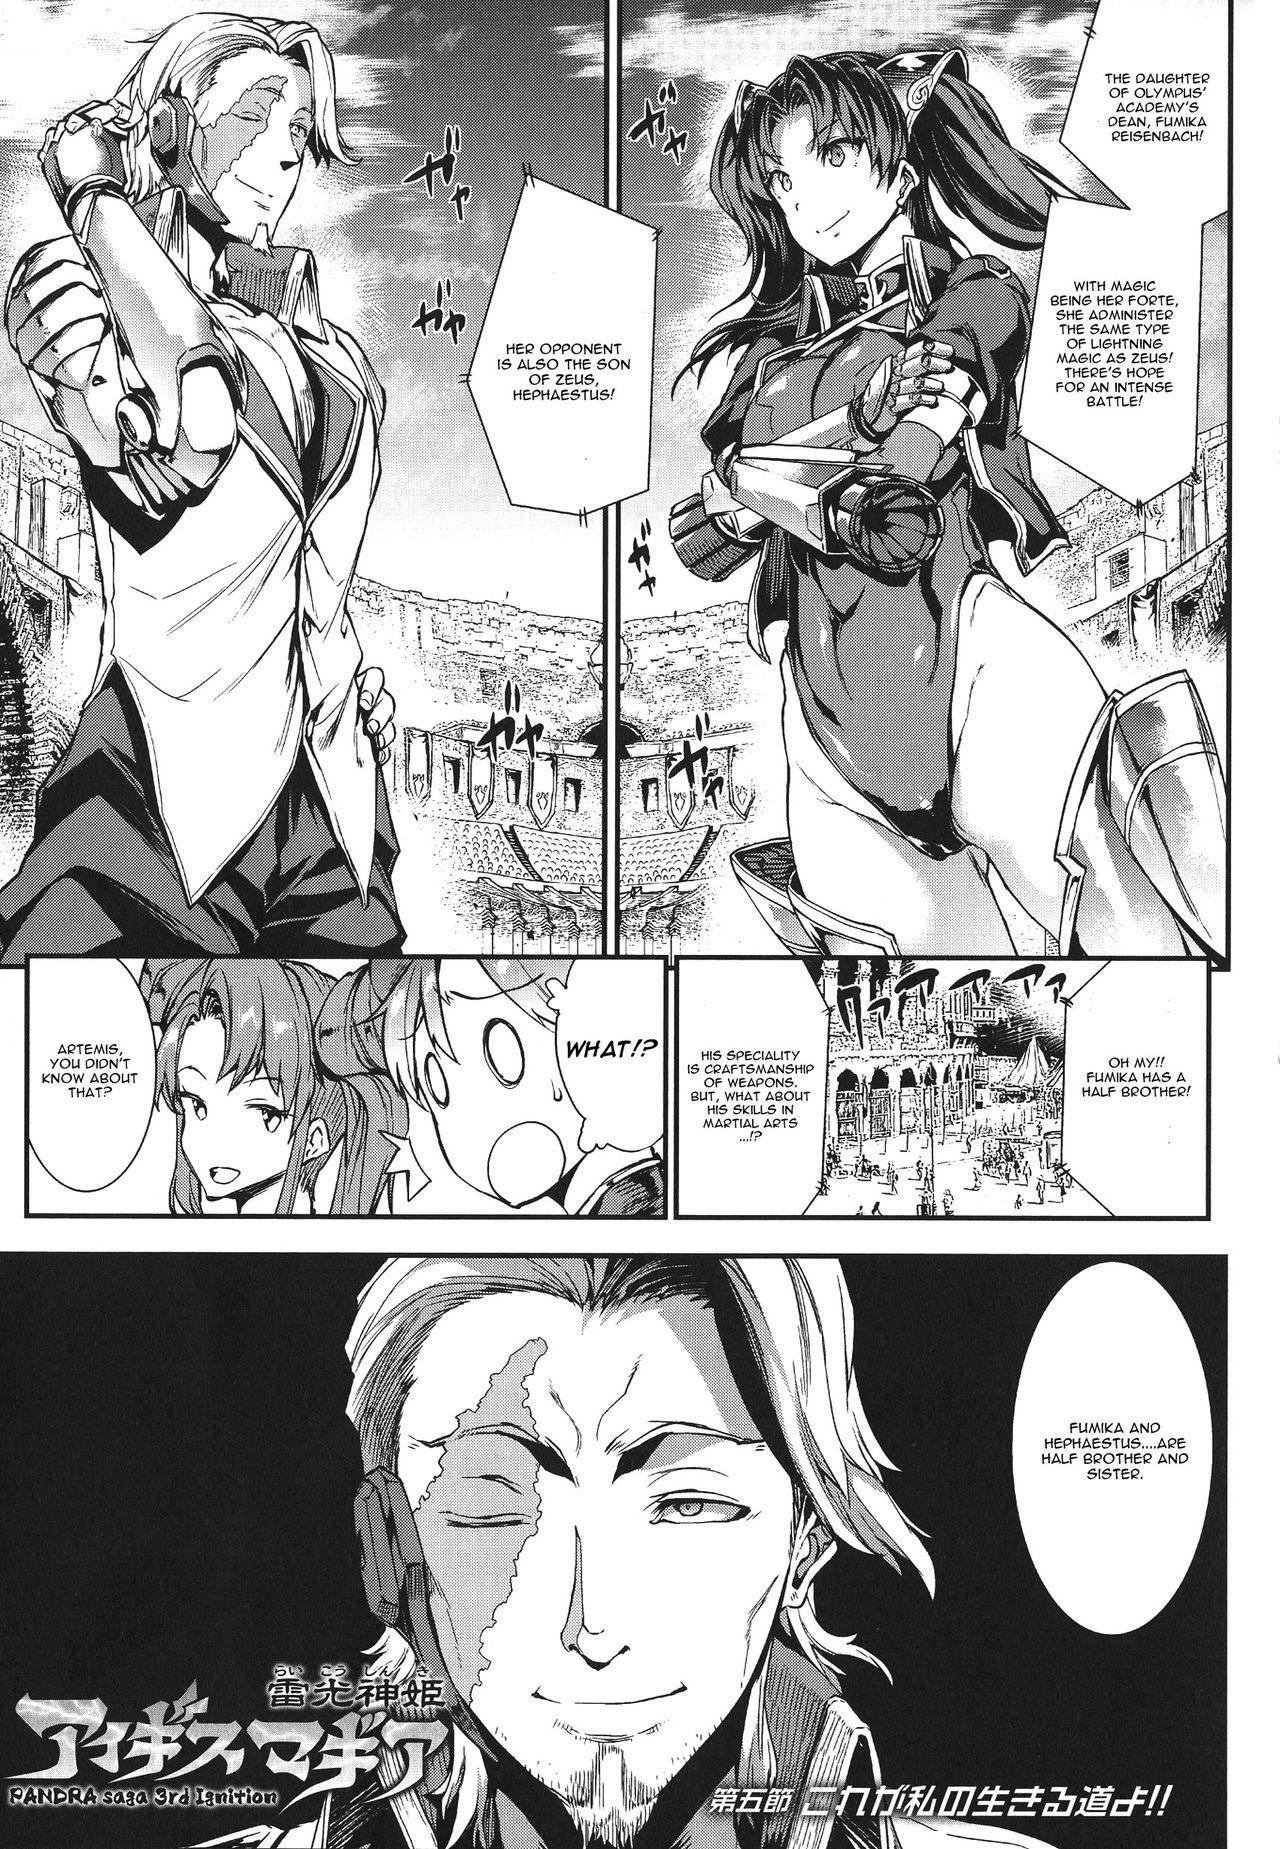 [Erect Sawaru] Raikou Shinki Igis Magia -PANDRA saga 3rd ignition- Ch. 1-6 [English] [CGrascal] 107